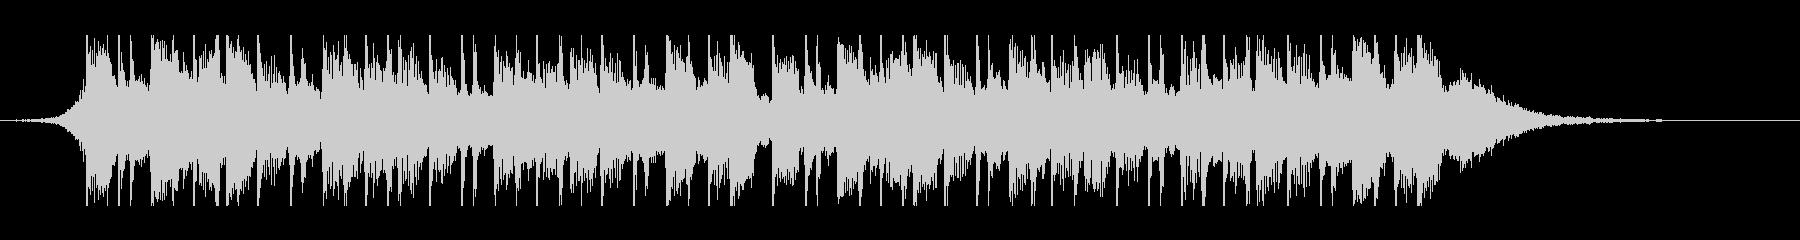 幸せなラマダン(30秒)の未再生の波形